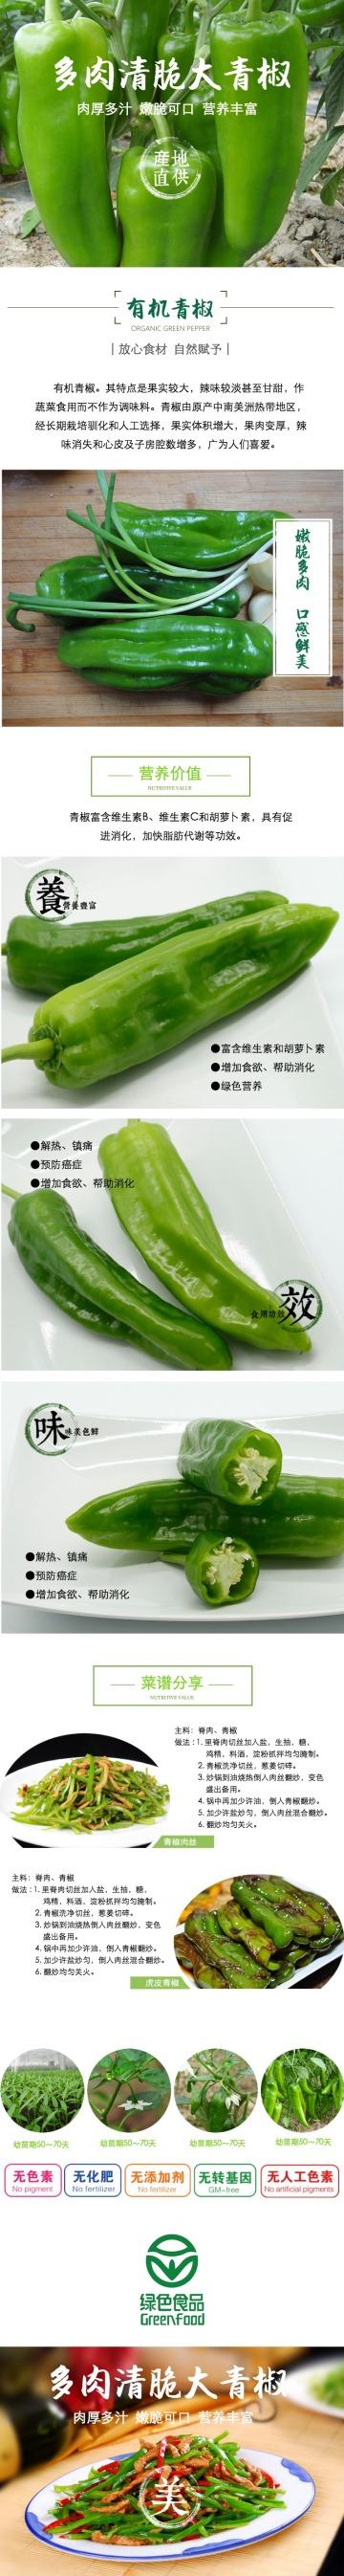 绿色清新简约多肉清脆大青椒电商详情图